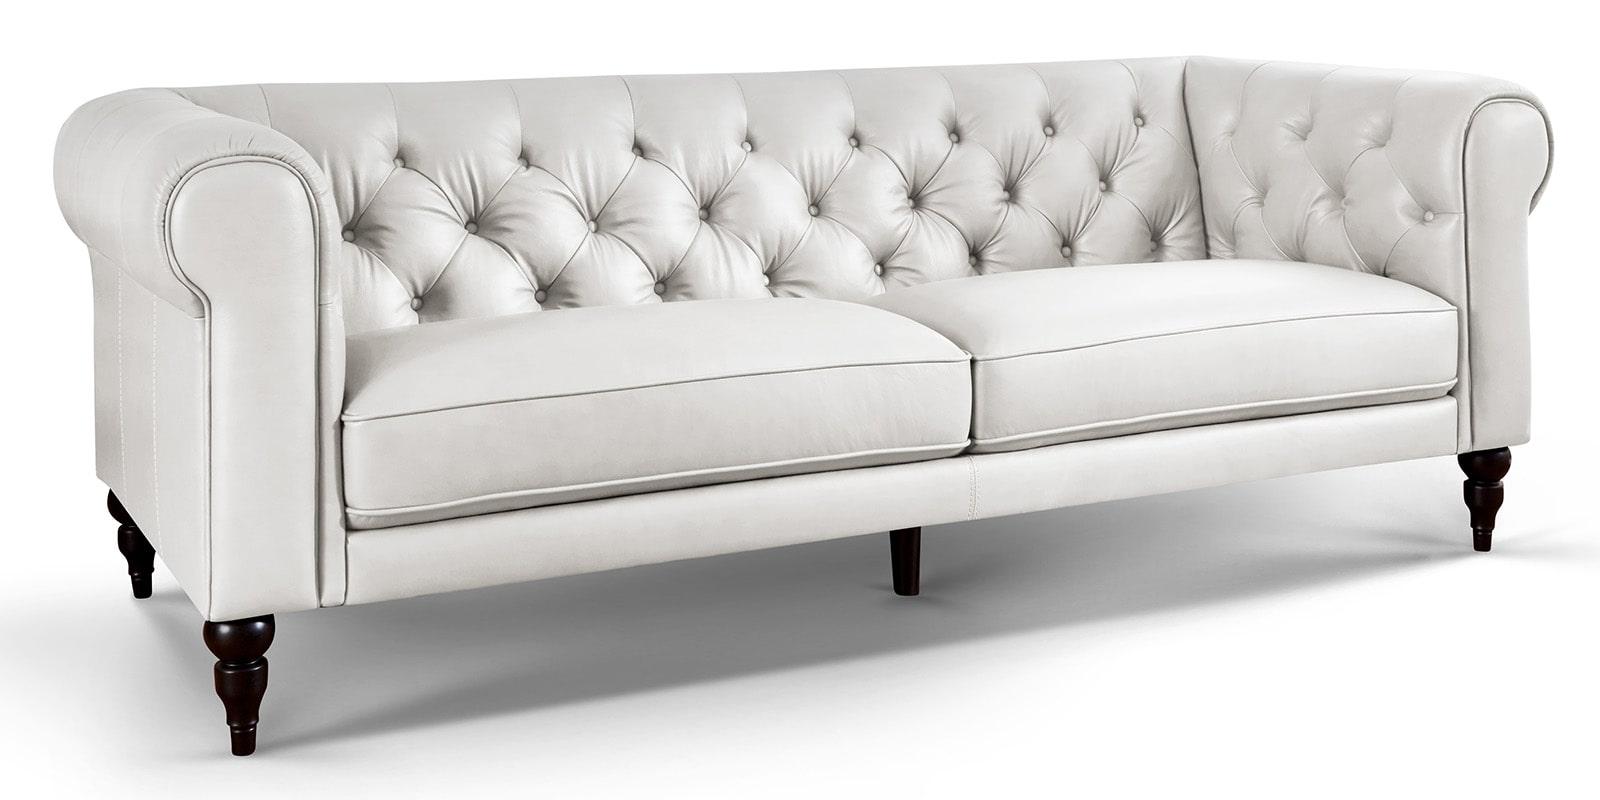 Moebella24 - 3-Sitzer - Sofa - Hudson - Chesterfield - Leder - Weiß - Dekorative - Nähte - und - Versteppungen - Detailaufnahme